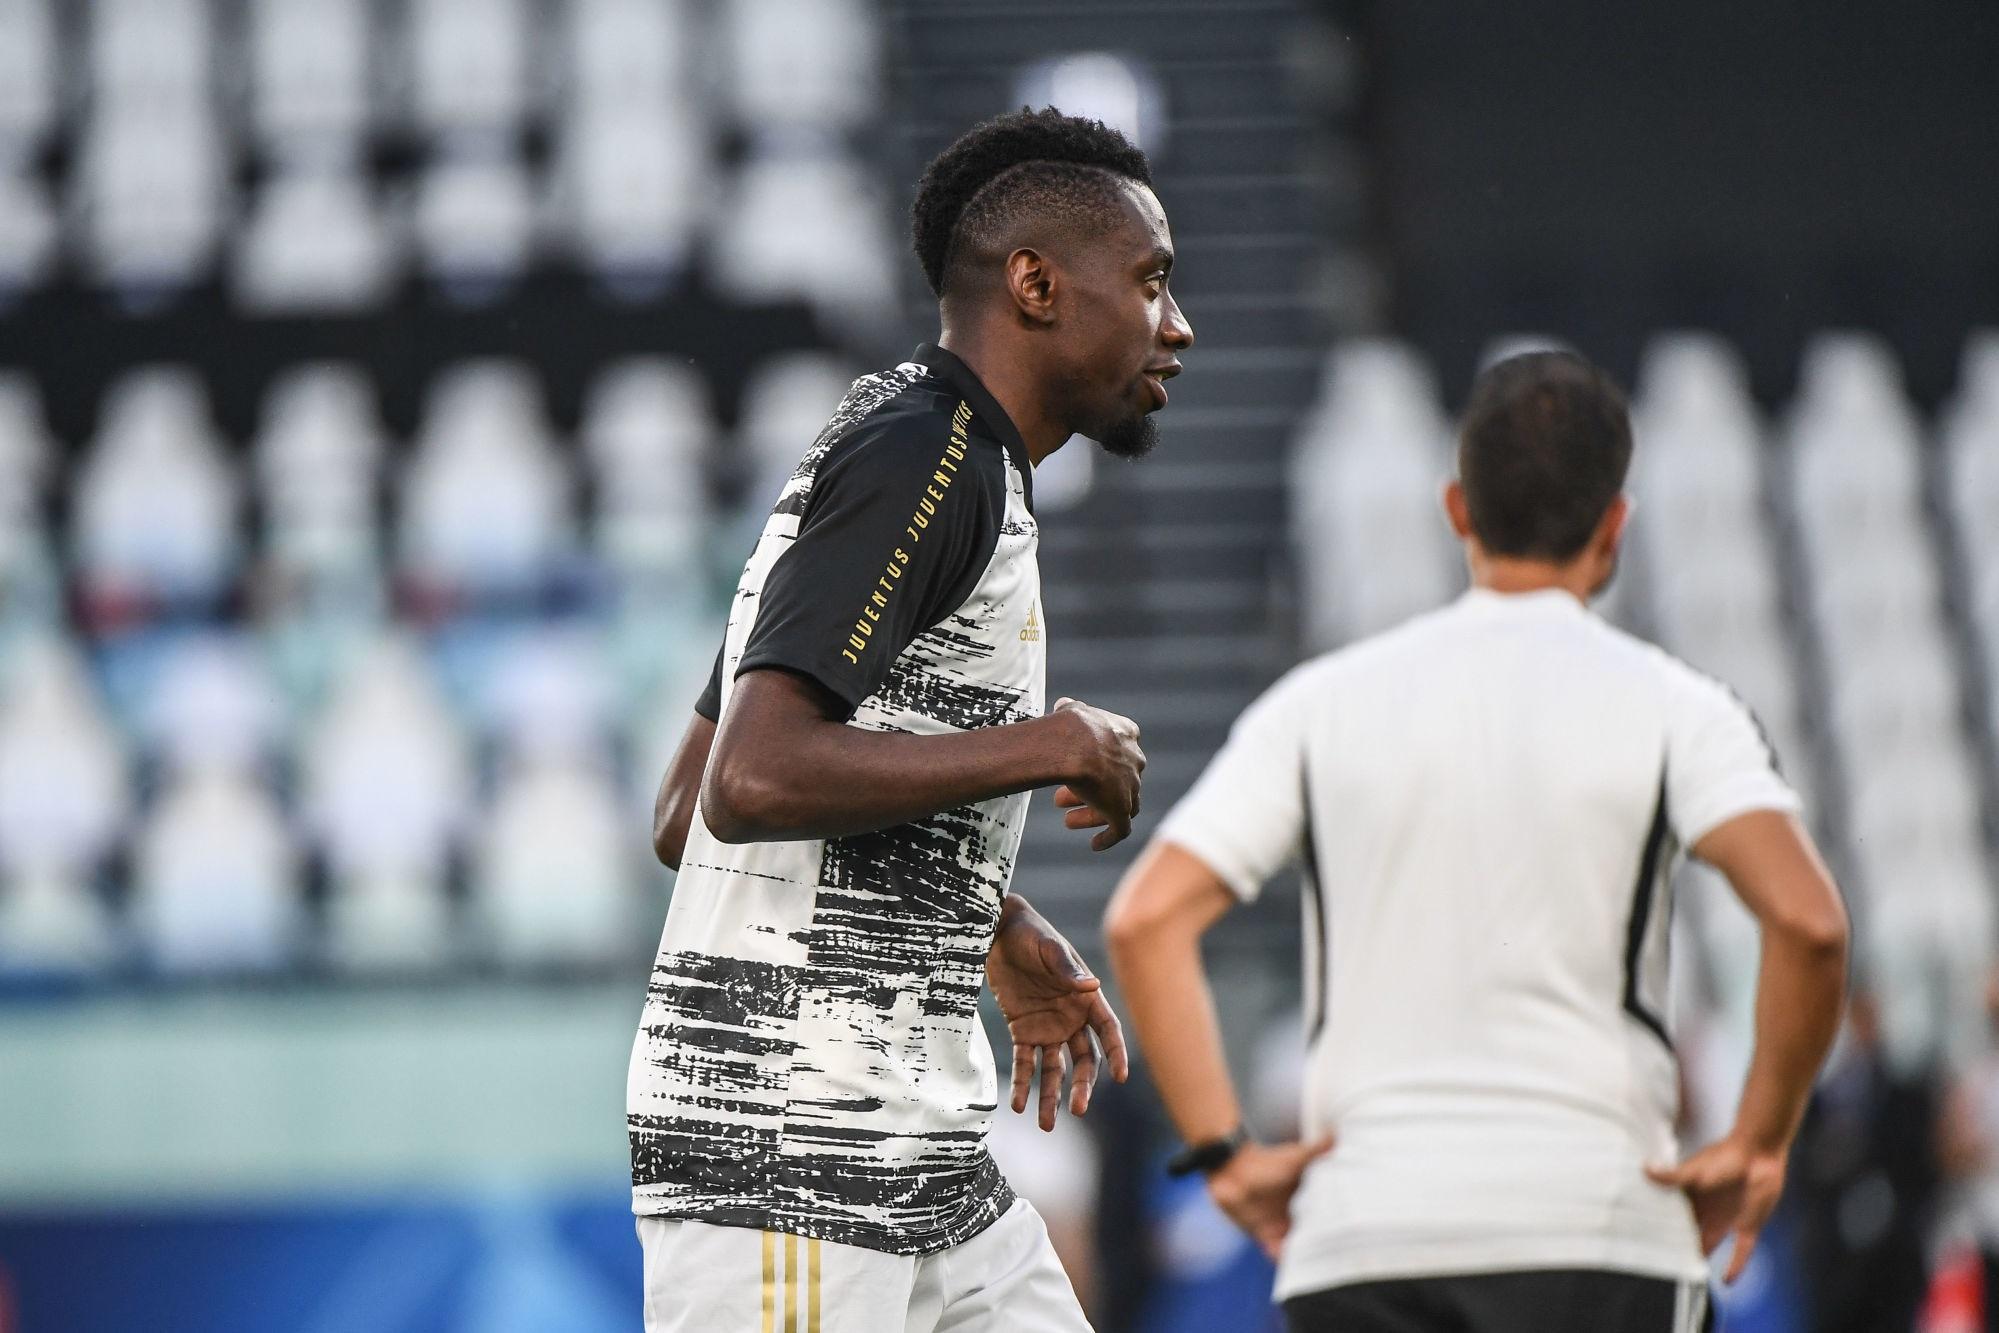 Officiel - Blaise Matuidi, ancien du PSG et de la Juventus, signe à l'Inter Miami